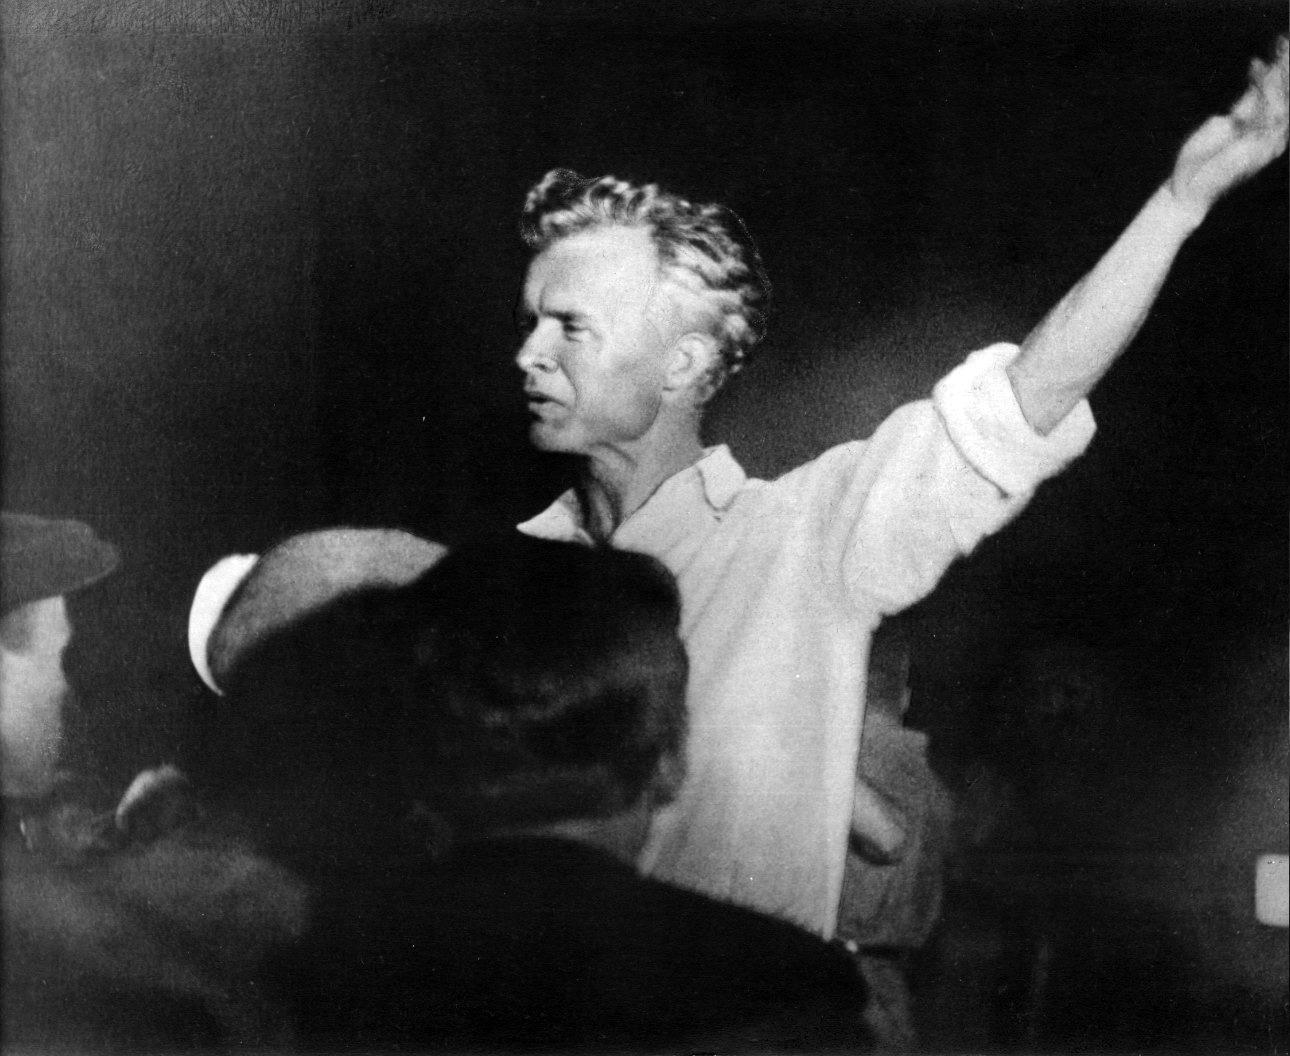 Александр Довженко на съёмках «Ивана». Фото: Музей Национальной киностудии имени Александра Довженко